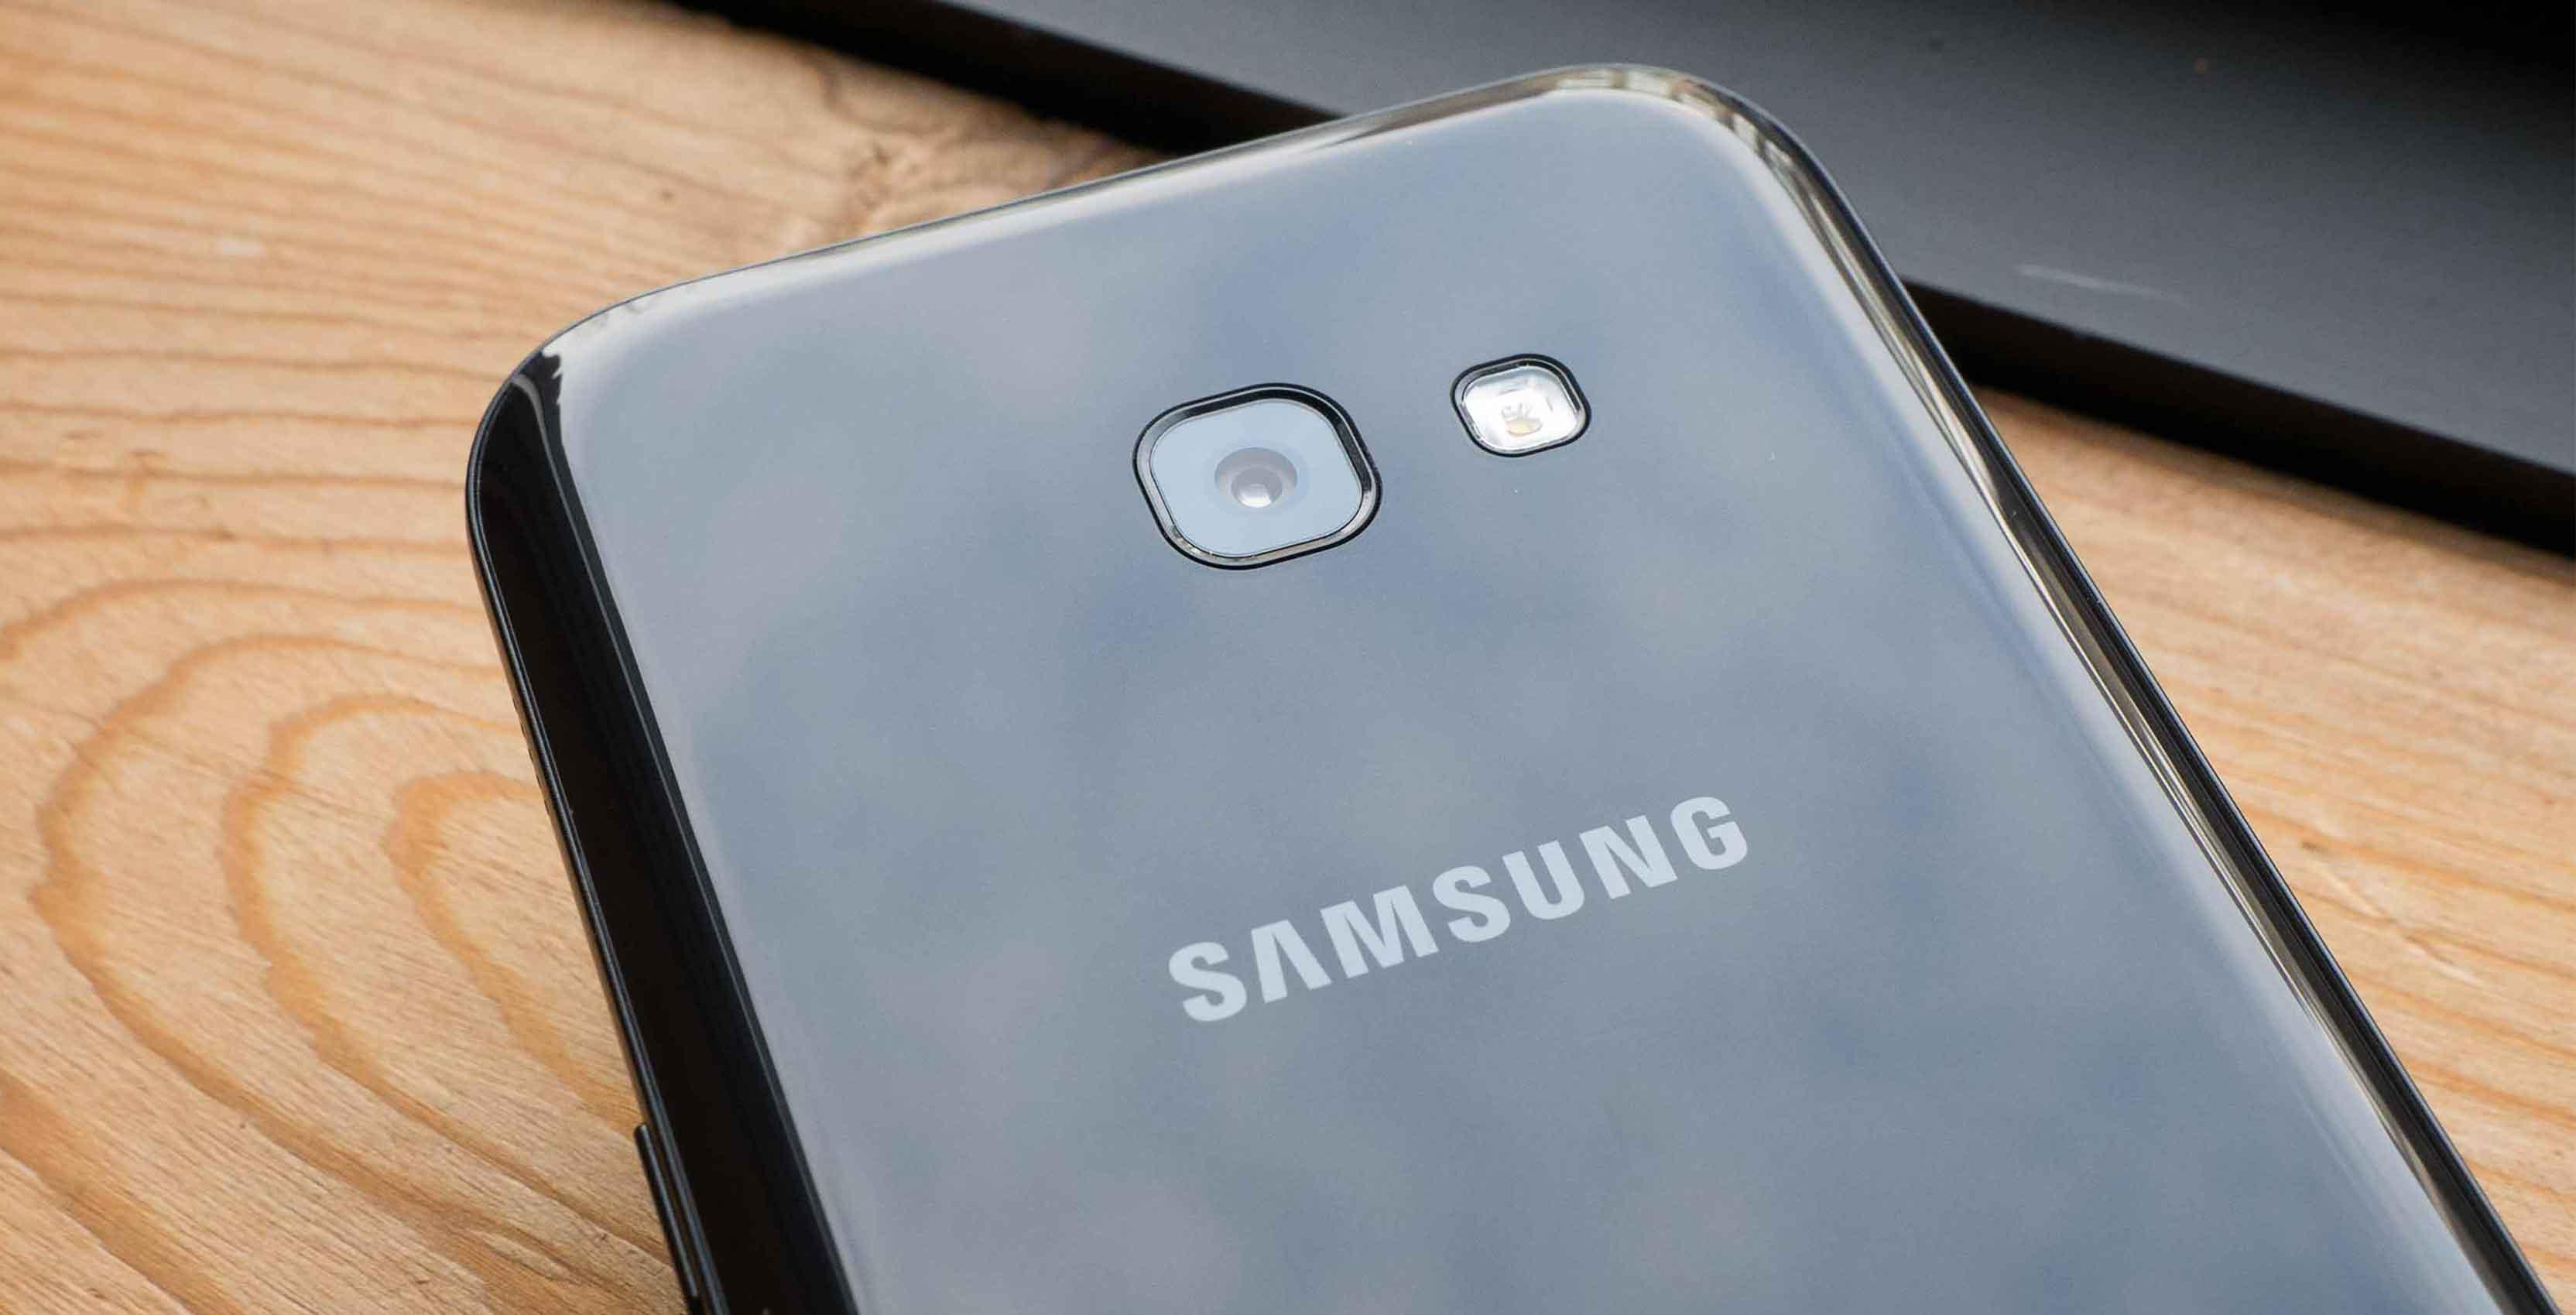 Samsung Galaxy A5 rear camera